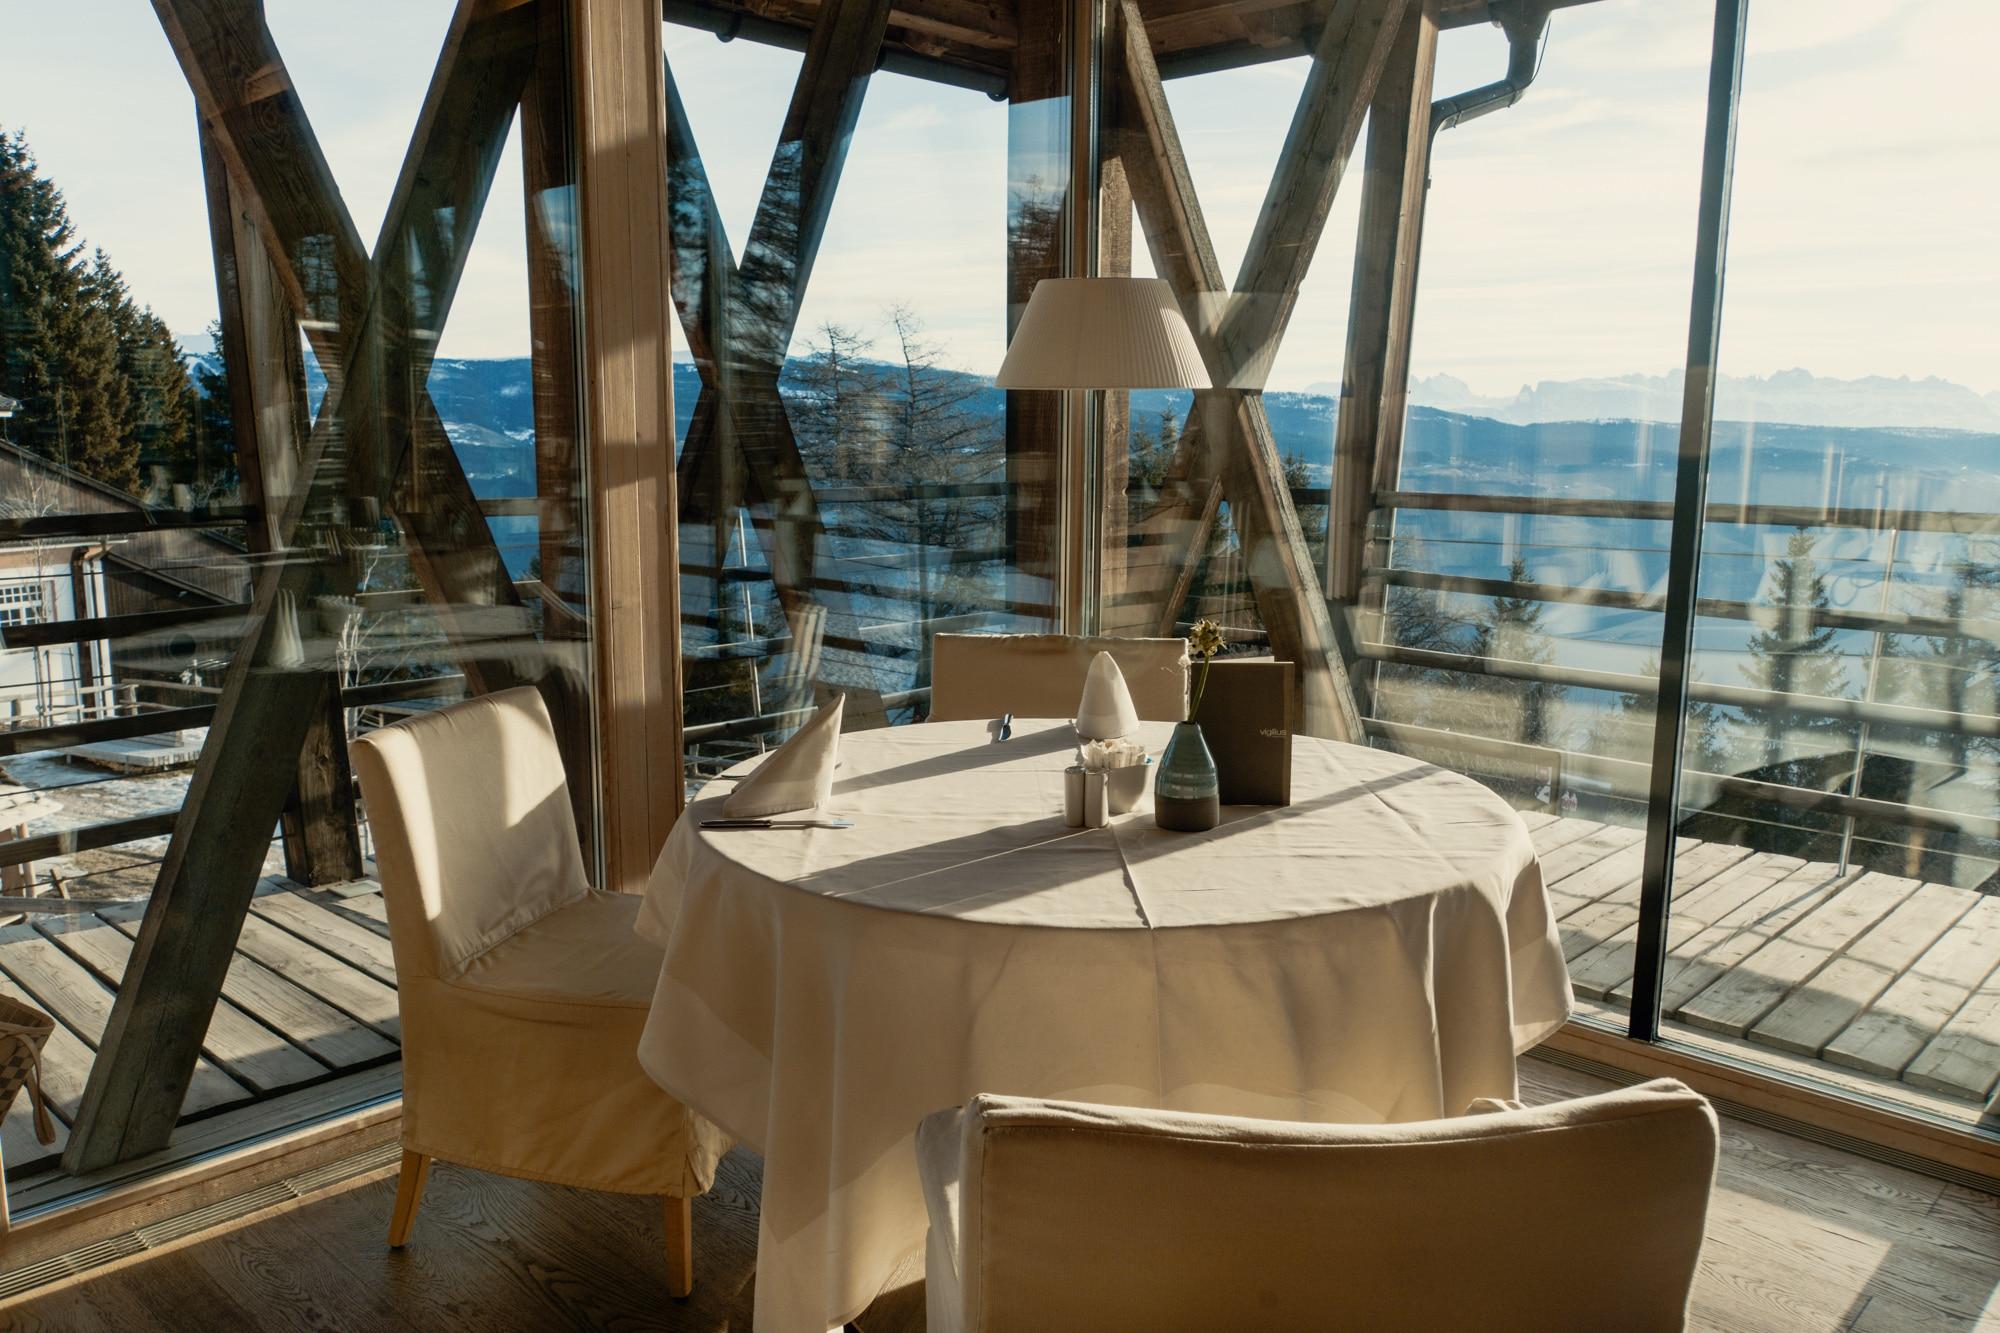 Lana, Südtirol: Winterurlaub mit Skifahren, Wellness und leckerem Essen - Vigilius Mountain Resort -Frühstück